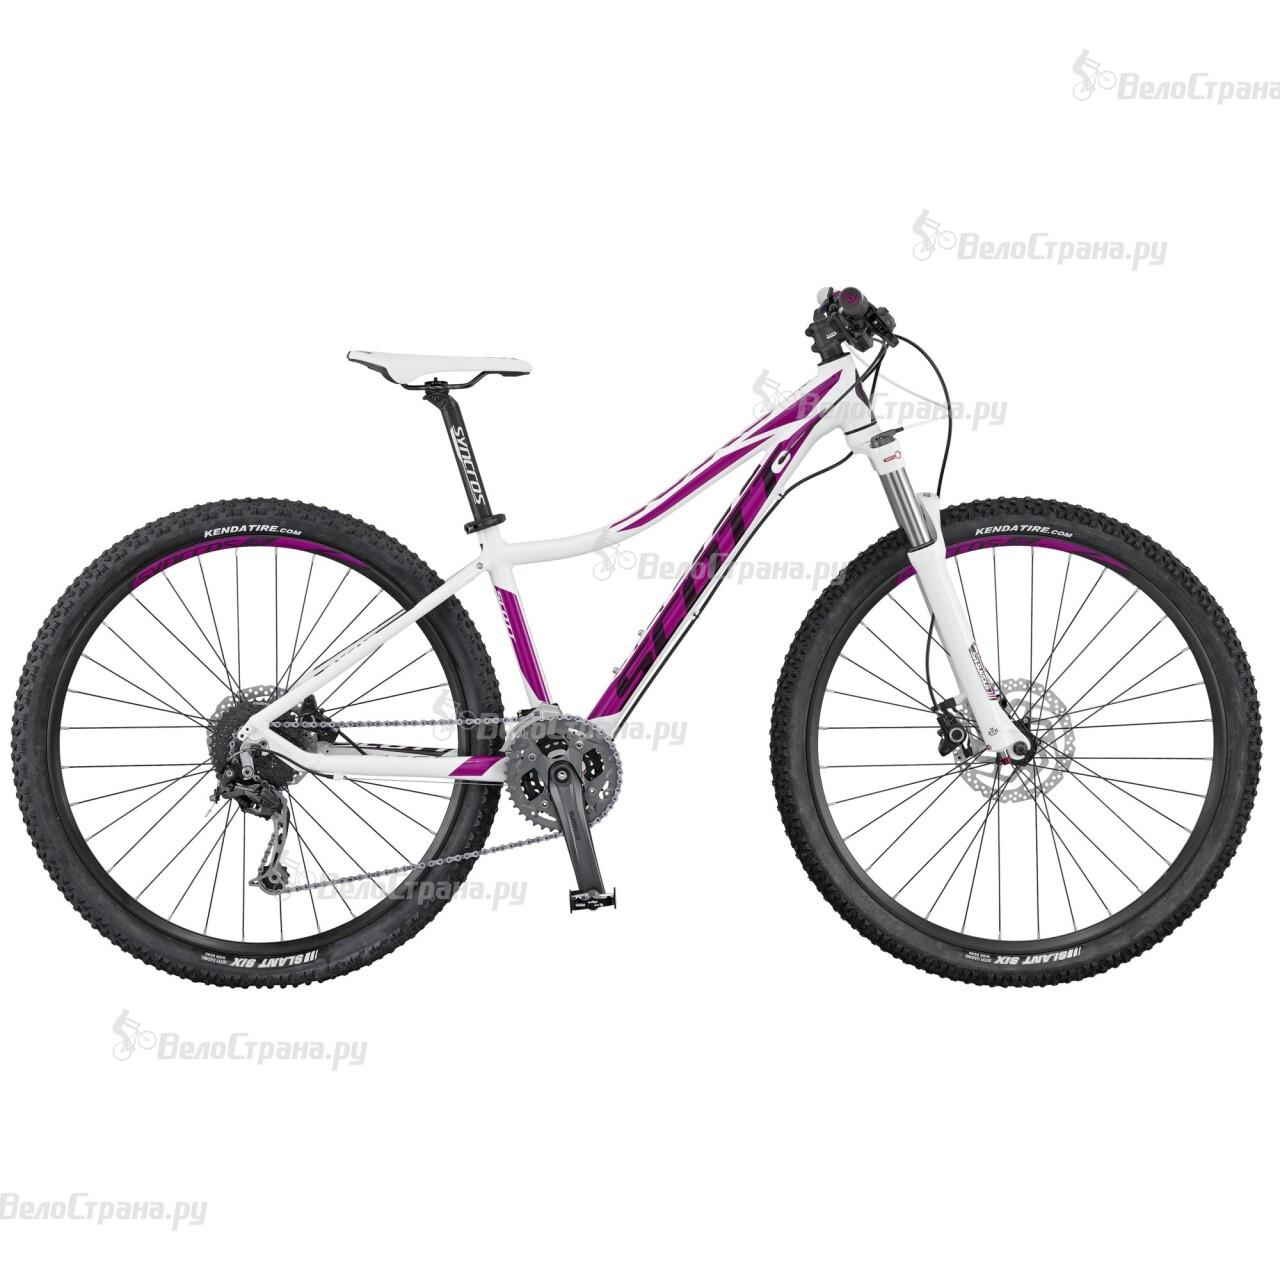 Велосипед Scott Contessa Scale 930 (2016)